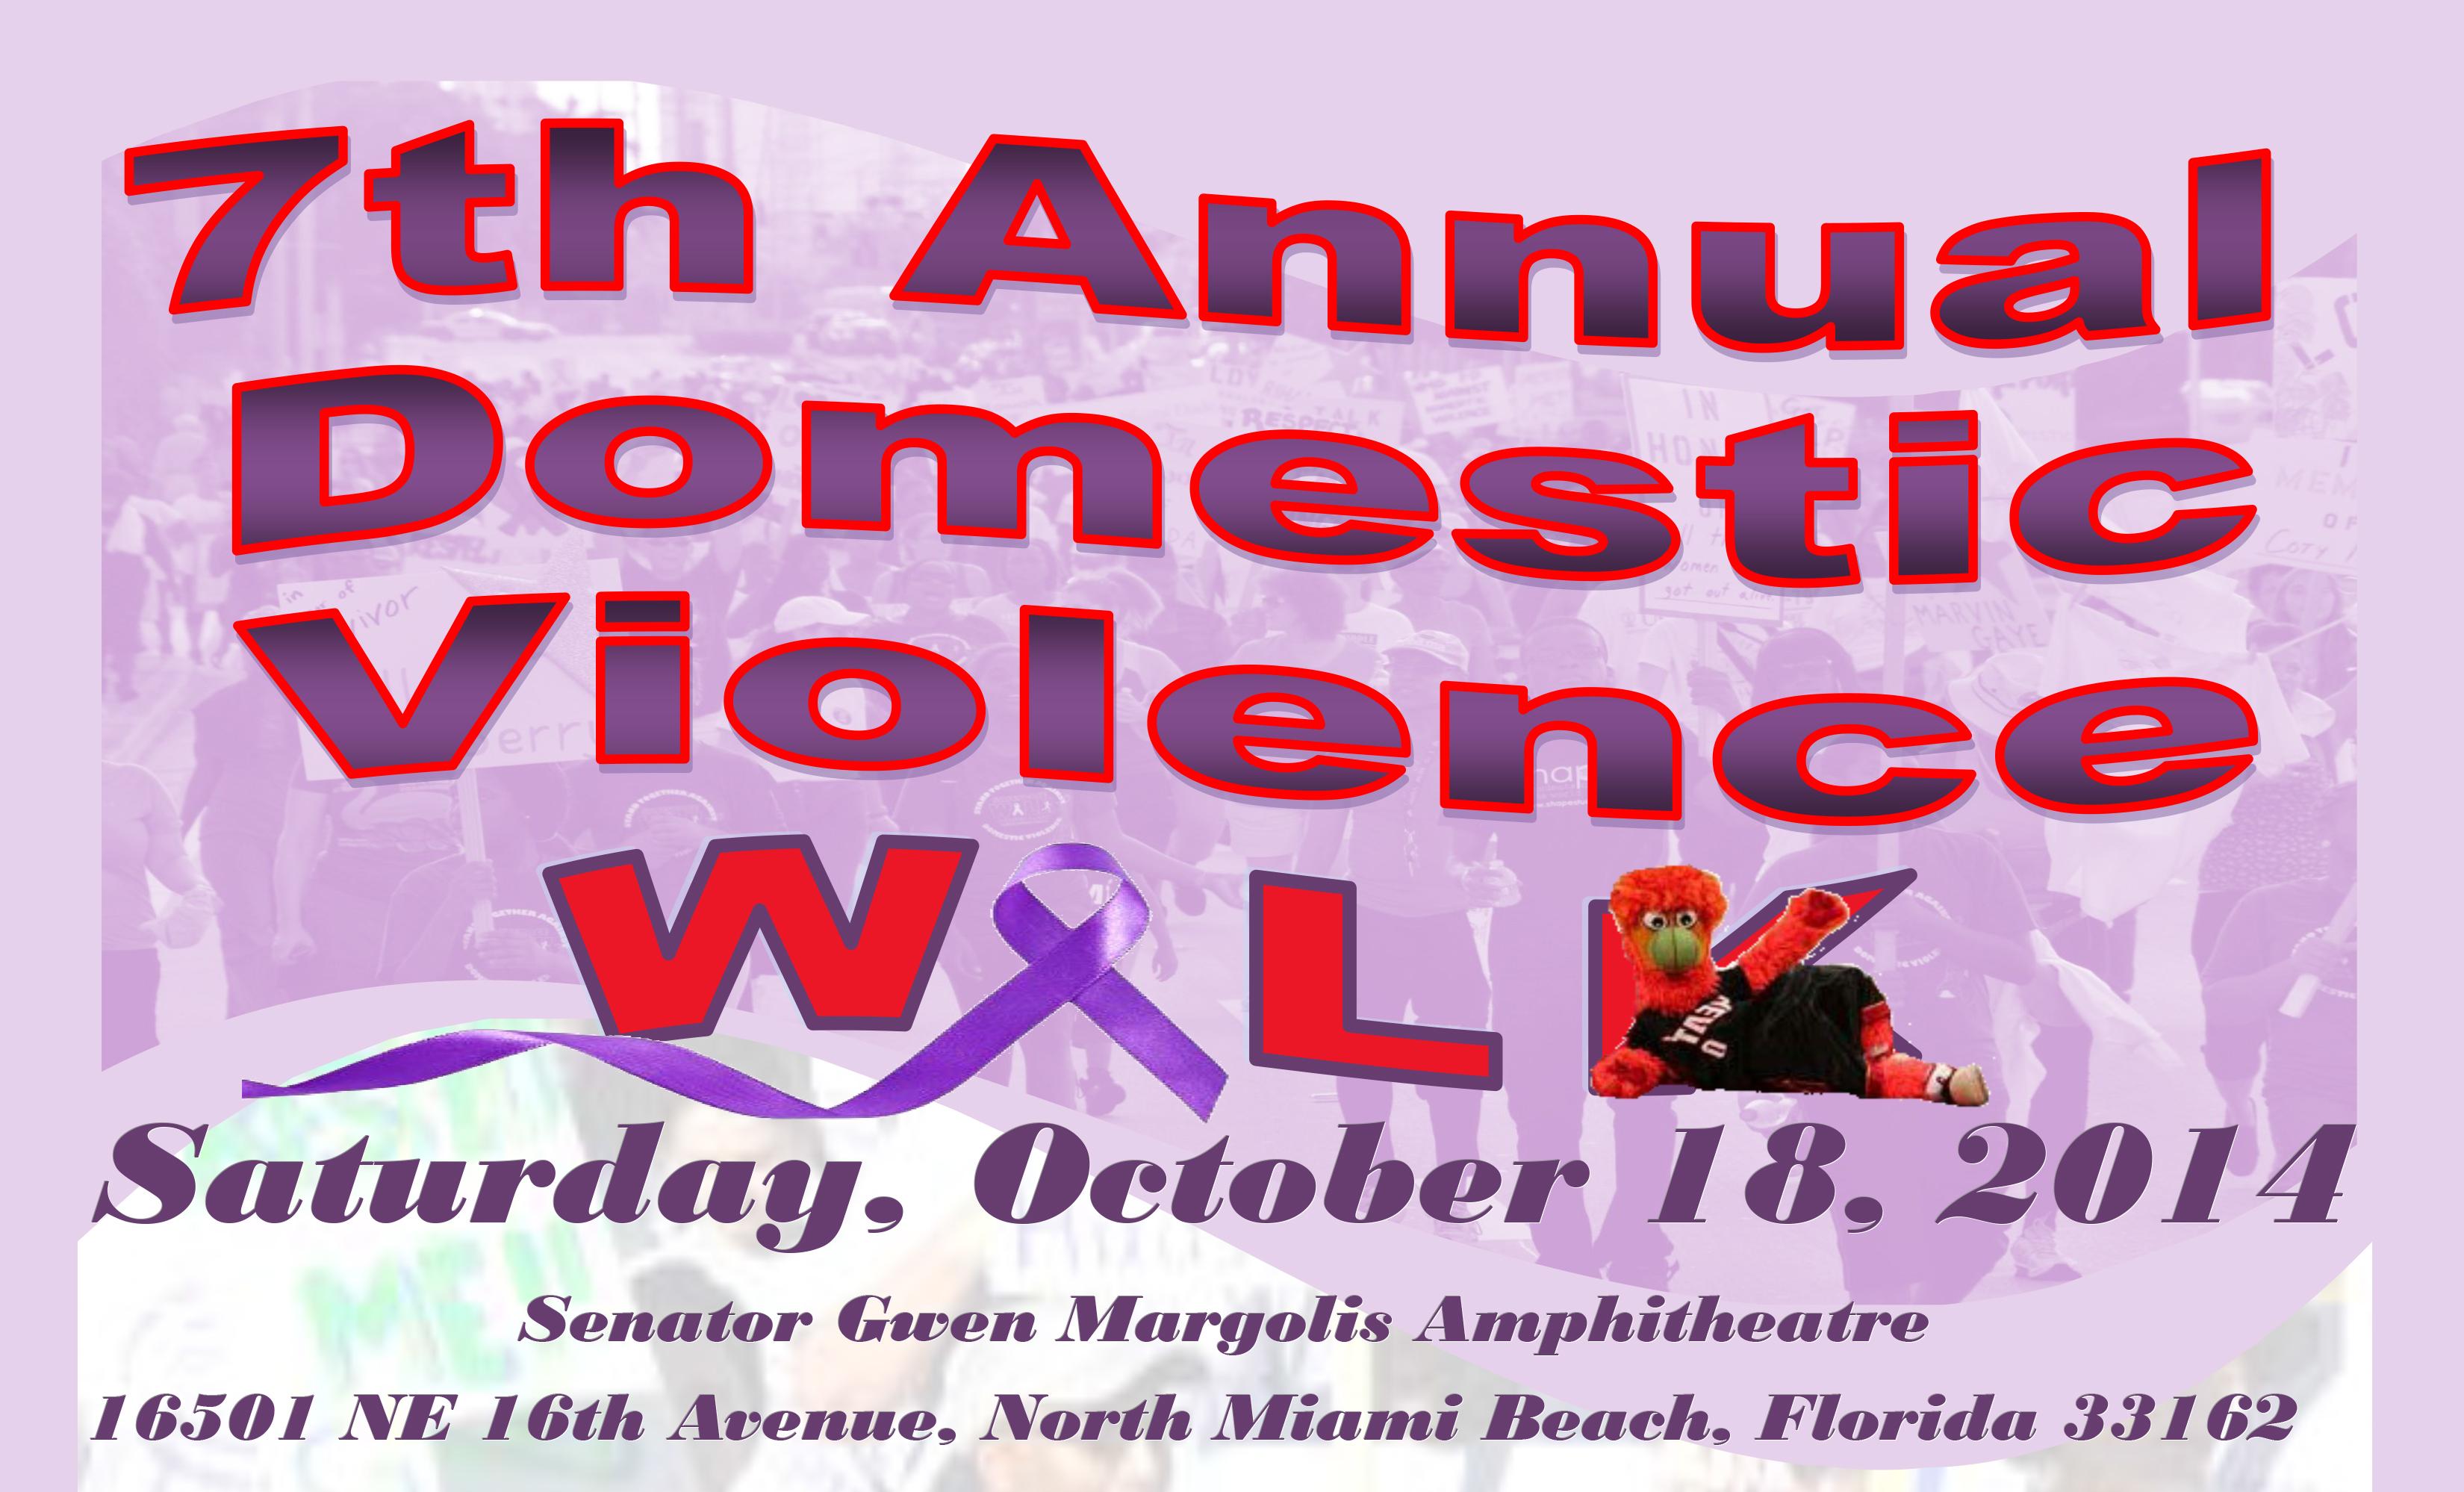 7th Annual Domestic Violence Walk